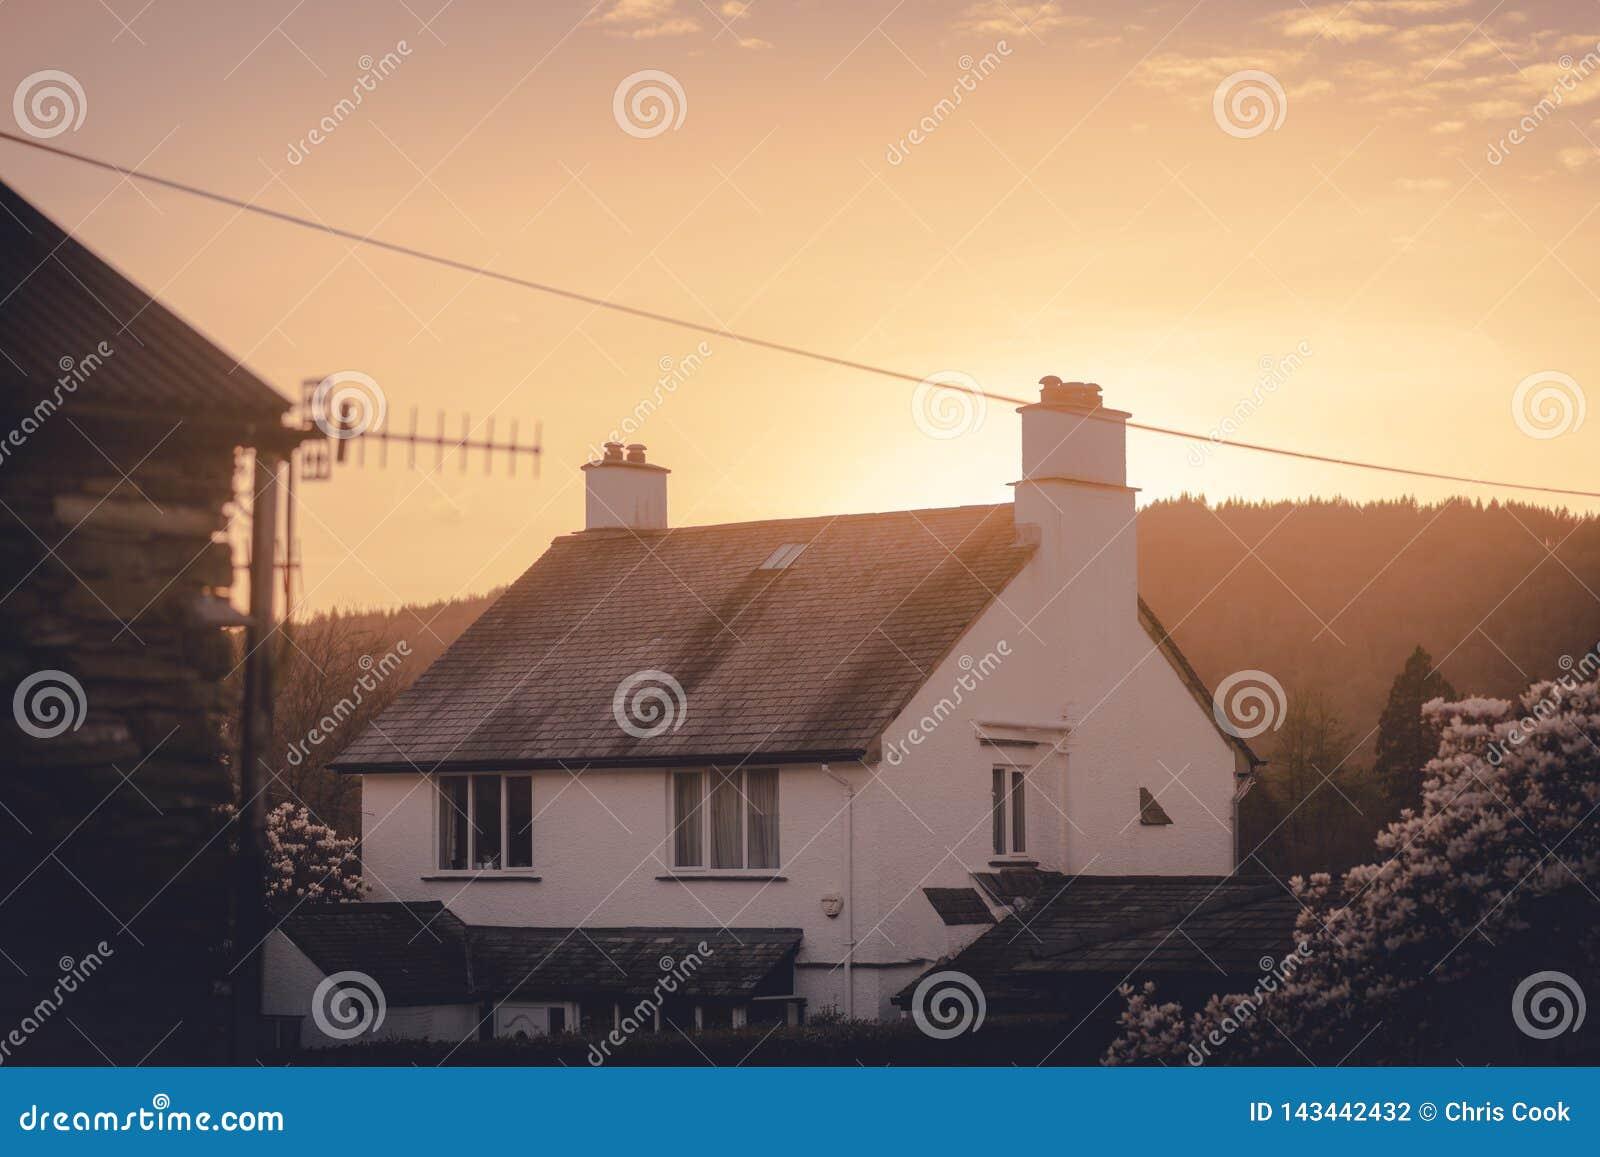 Cosy pokrywająca strzechą Angielska chałupa z ciepłym pomarańczowym słońca położeniem za nim po środku wiosny